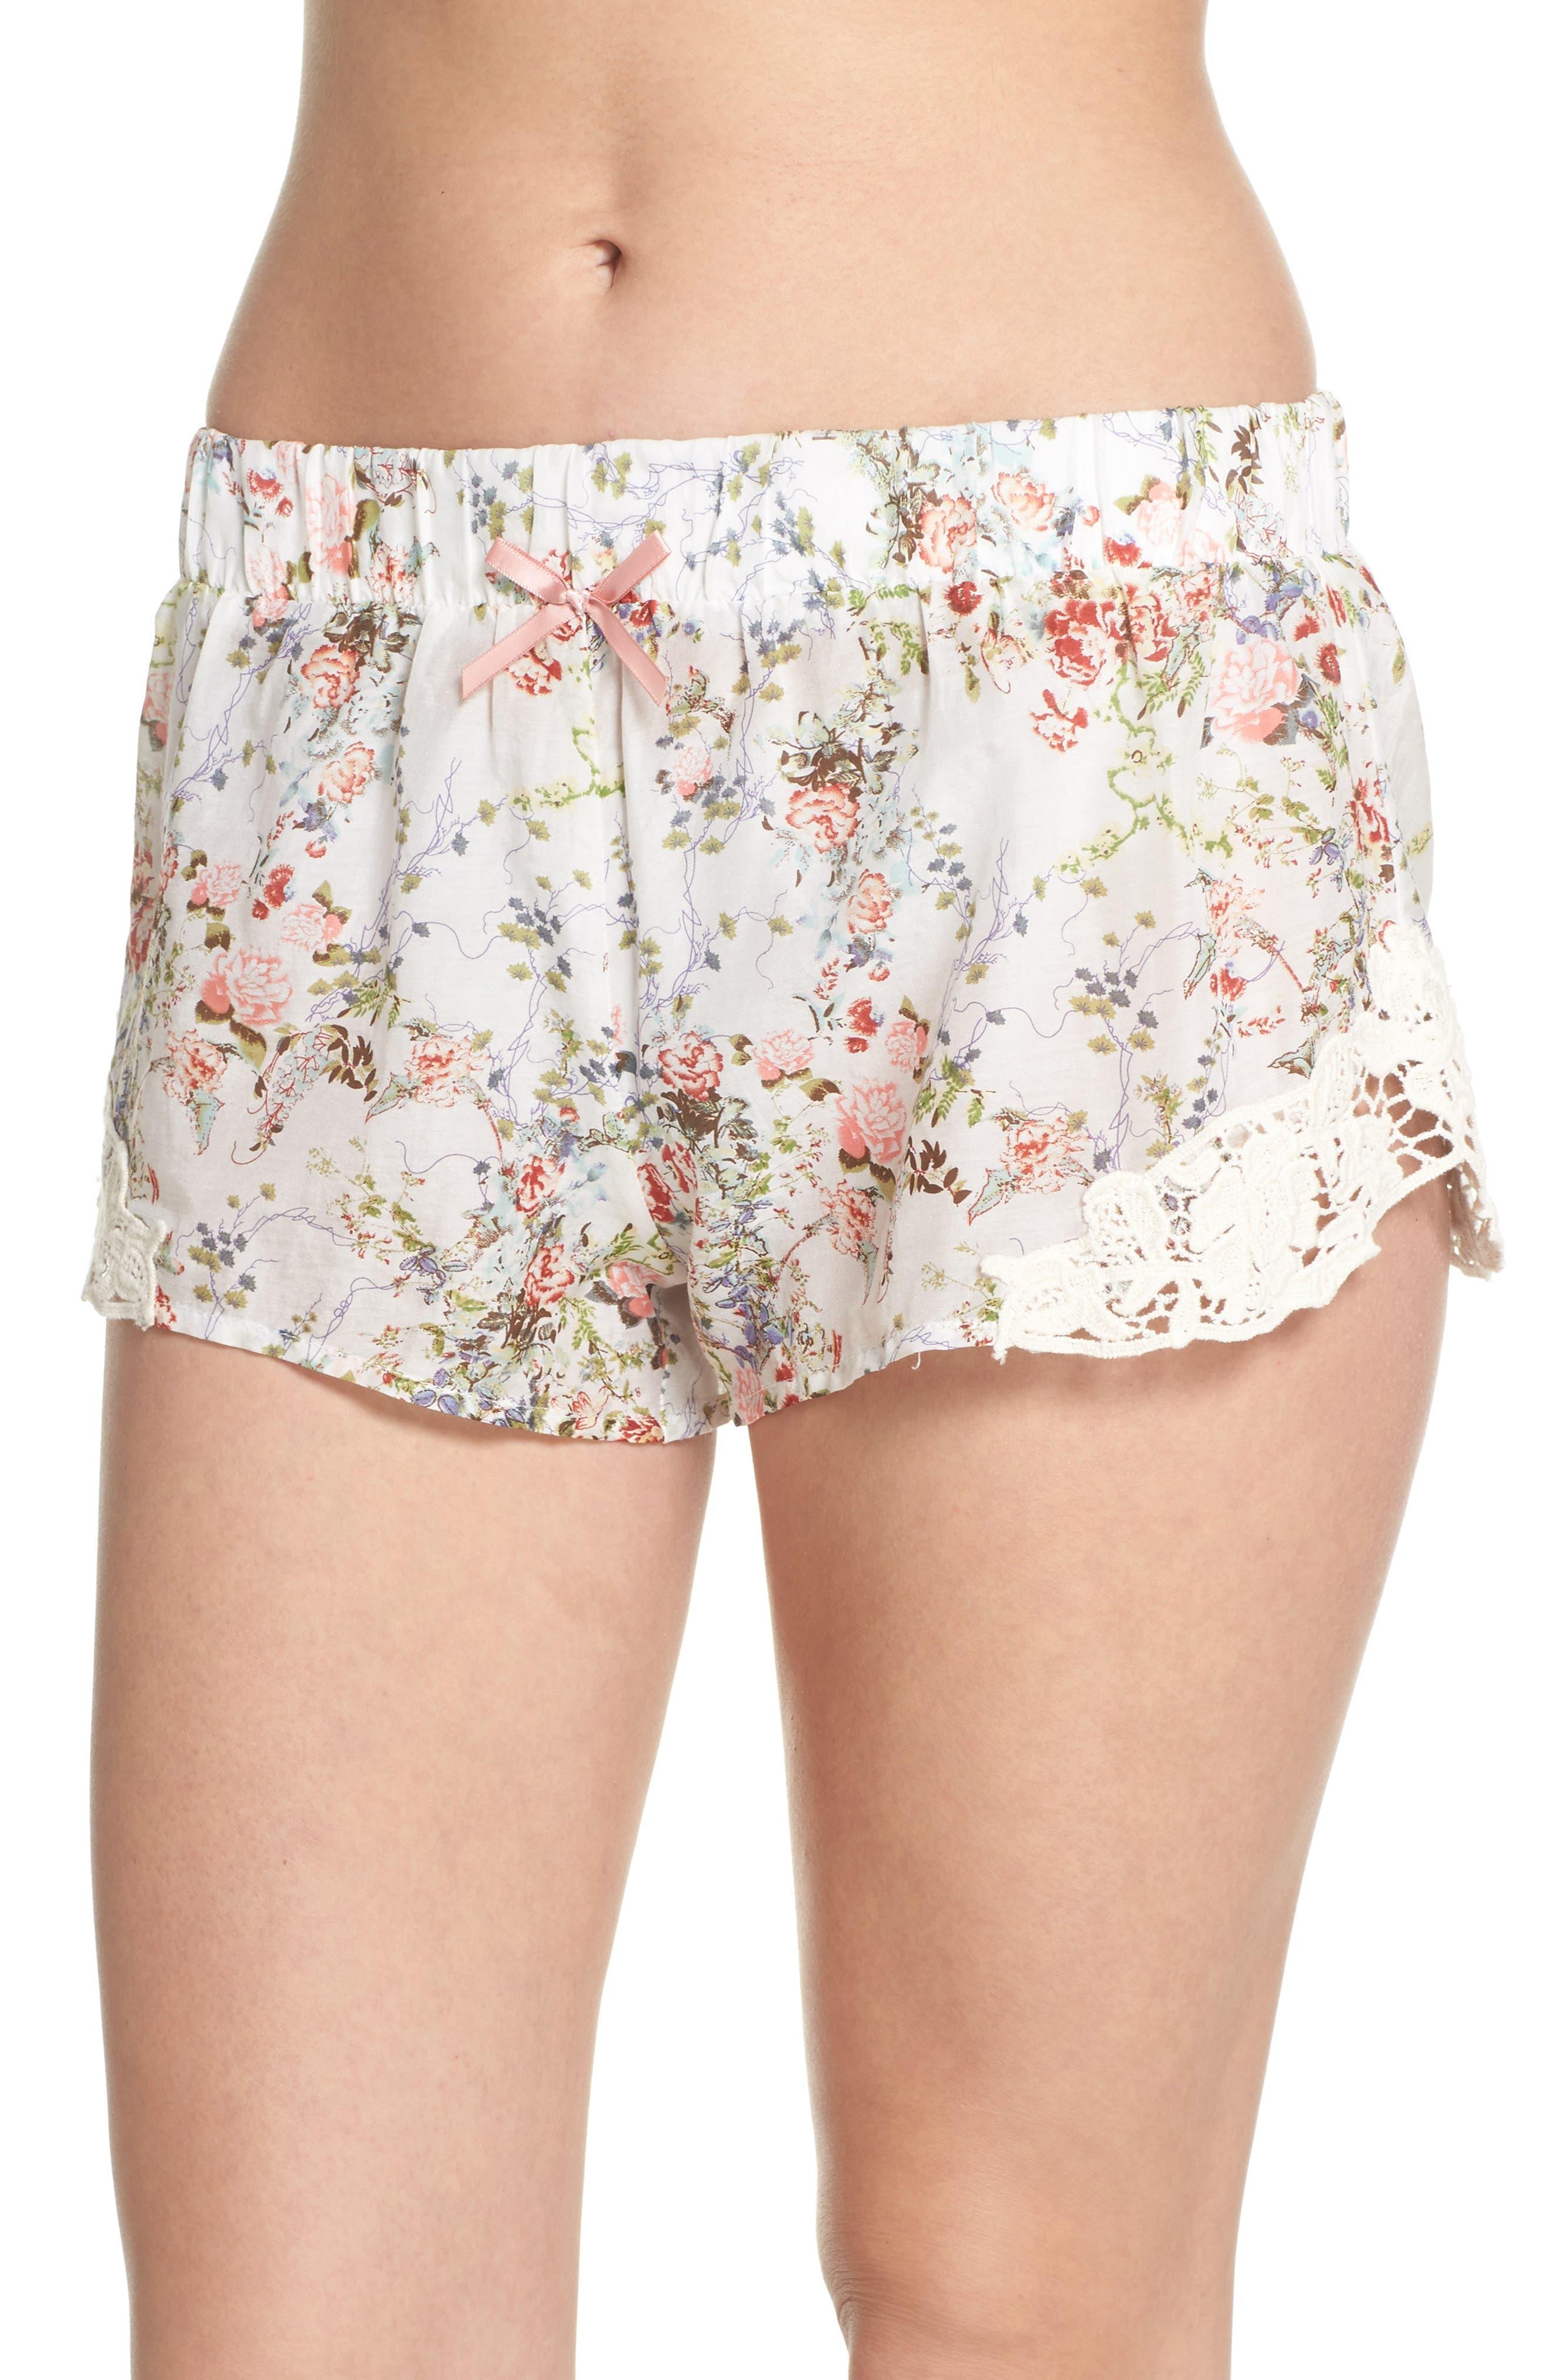 Yolly Floral Pajama Shorts,                             Main thumbnail 1, color,                             IVORY FLORAL